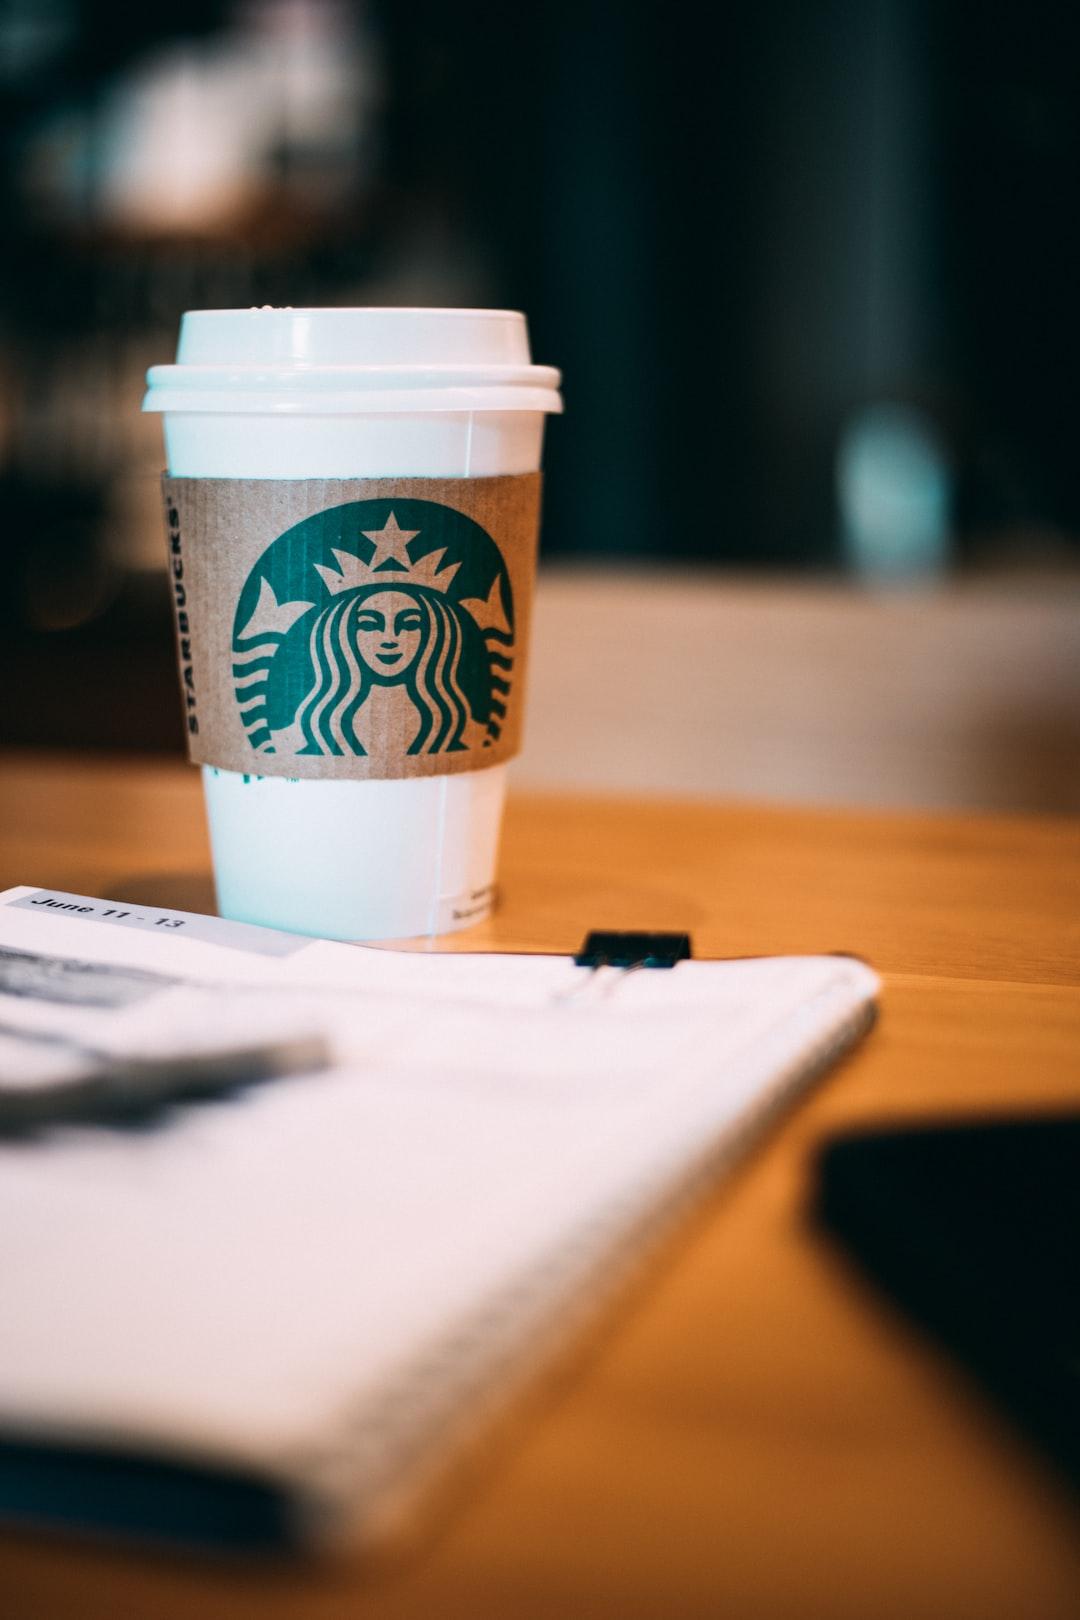 Starbucks Wallpapers Free Hd Download 500 Hq Unsplash